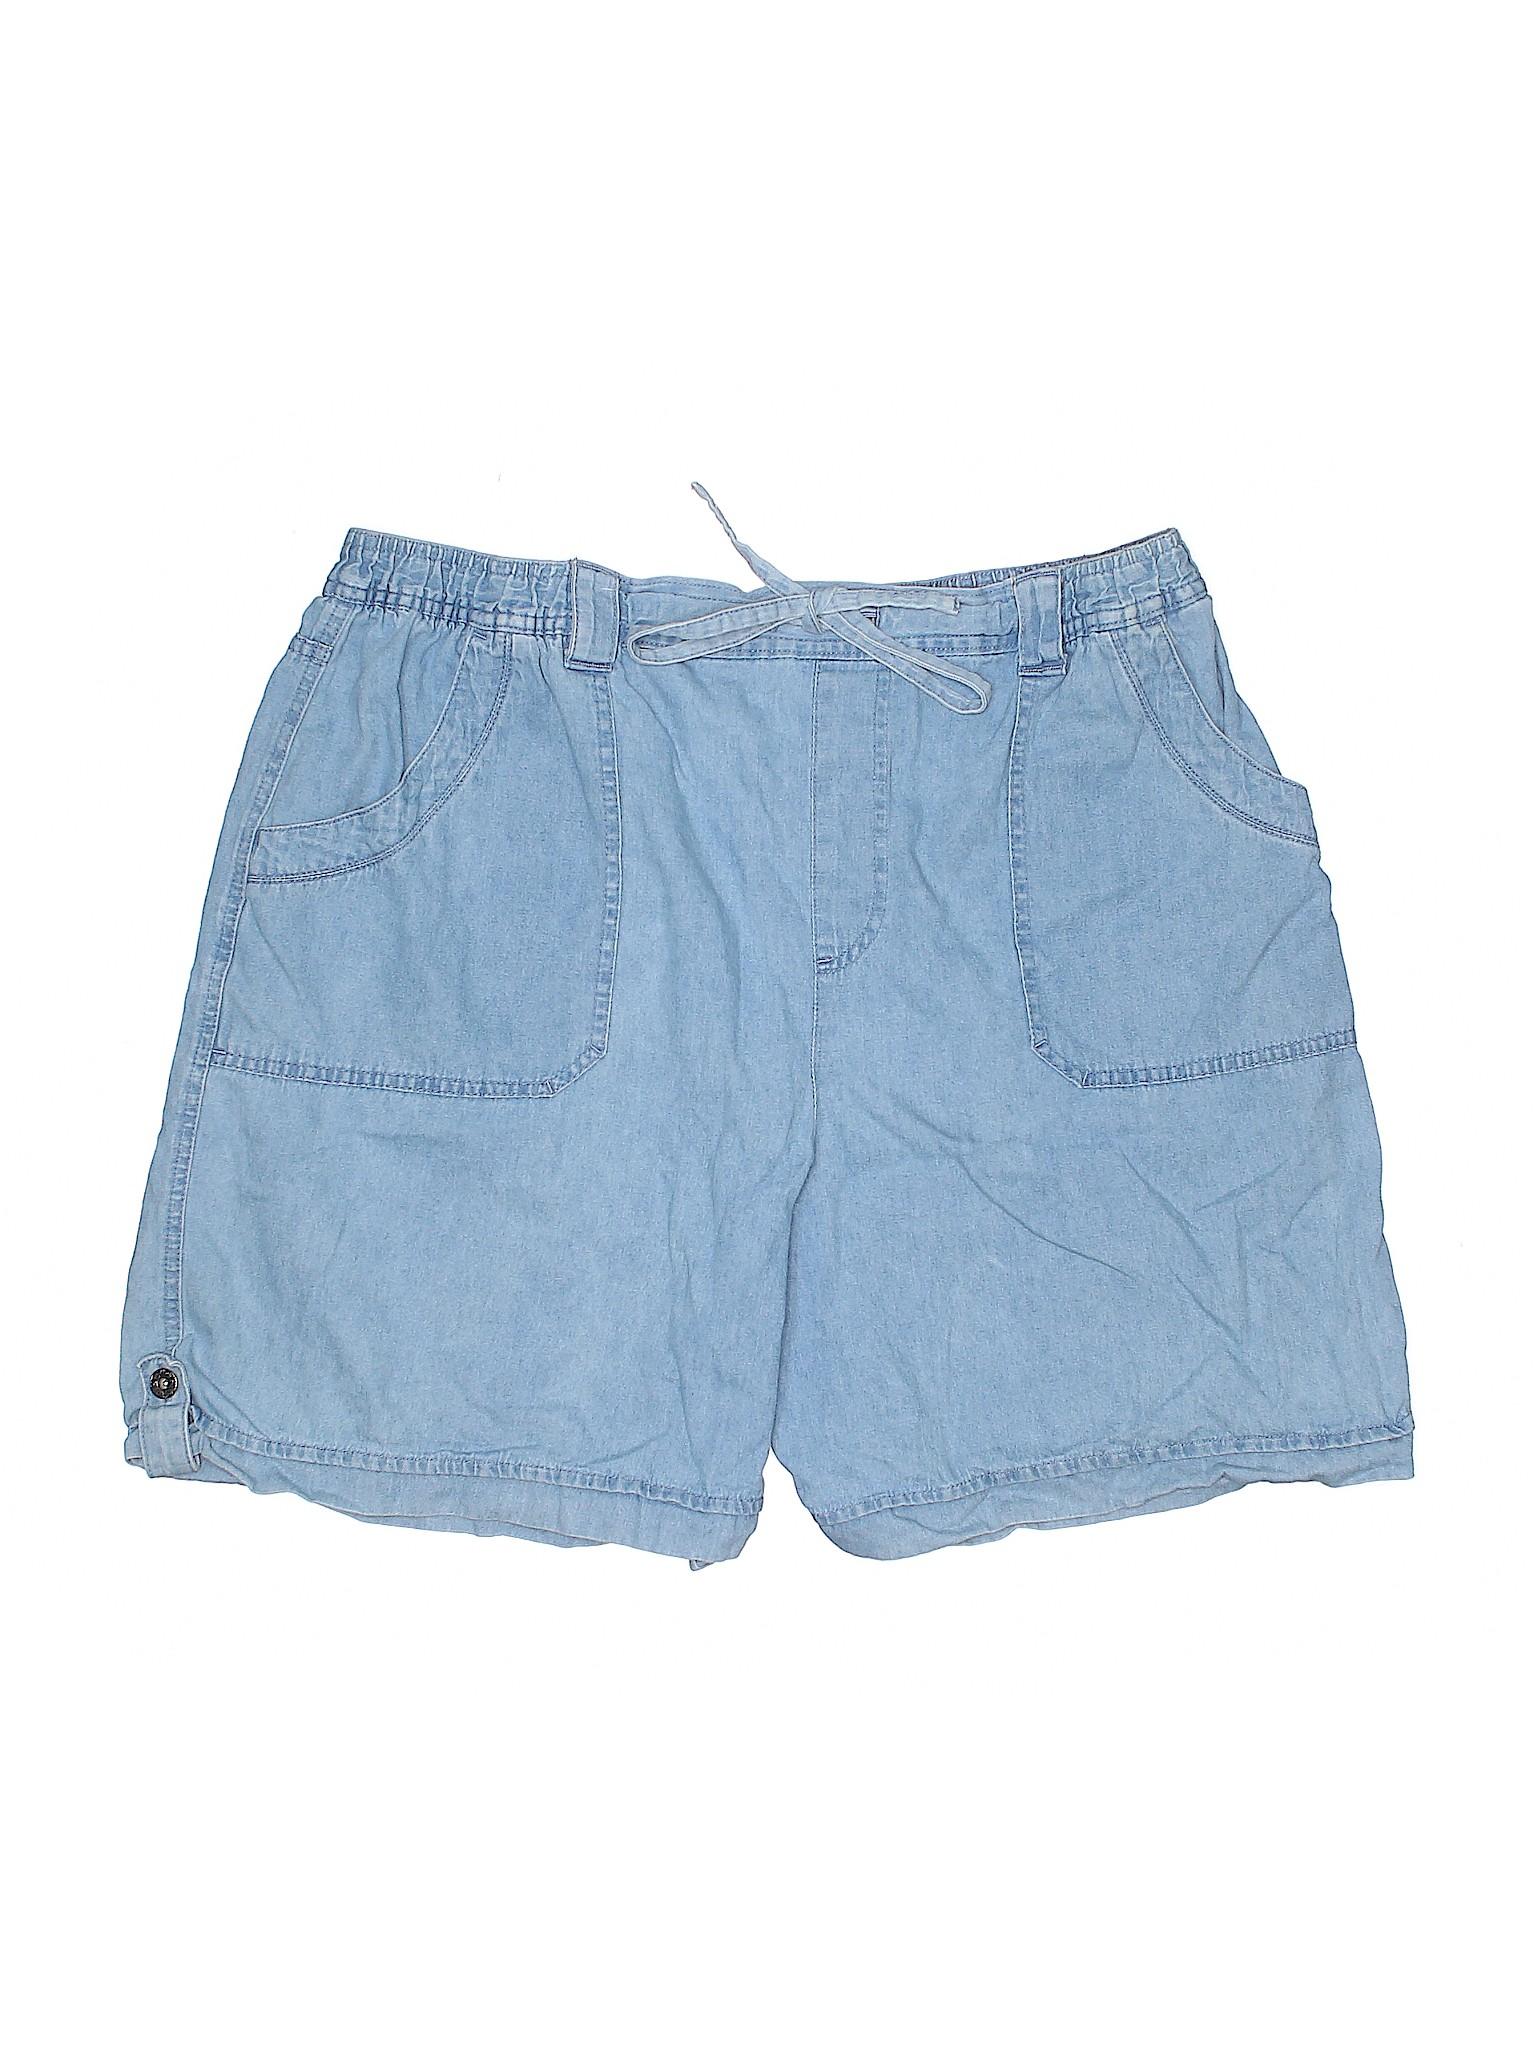 Shorts Erika Boutique Khaki Shorts leisure Erika leisure leisure Boutique Boutique Khaki OwHdTTq6